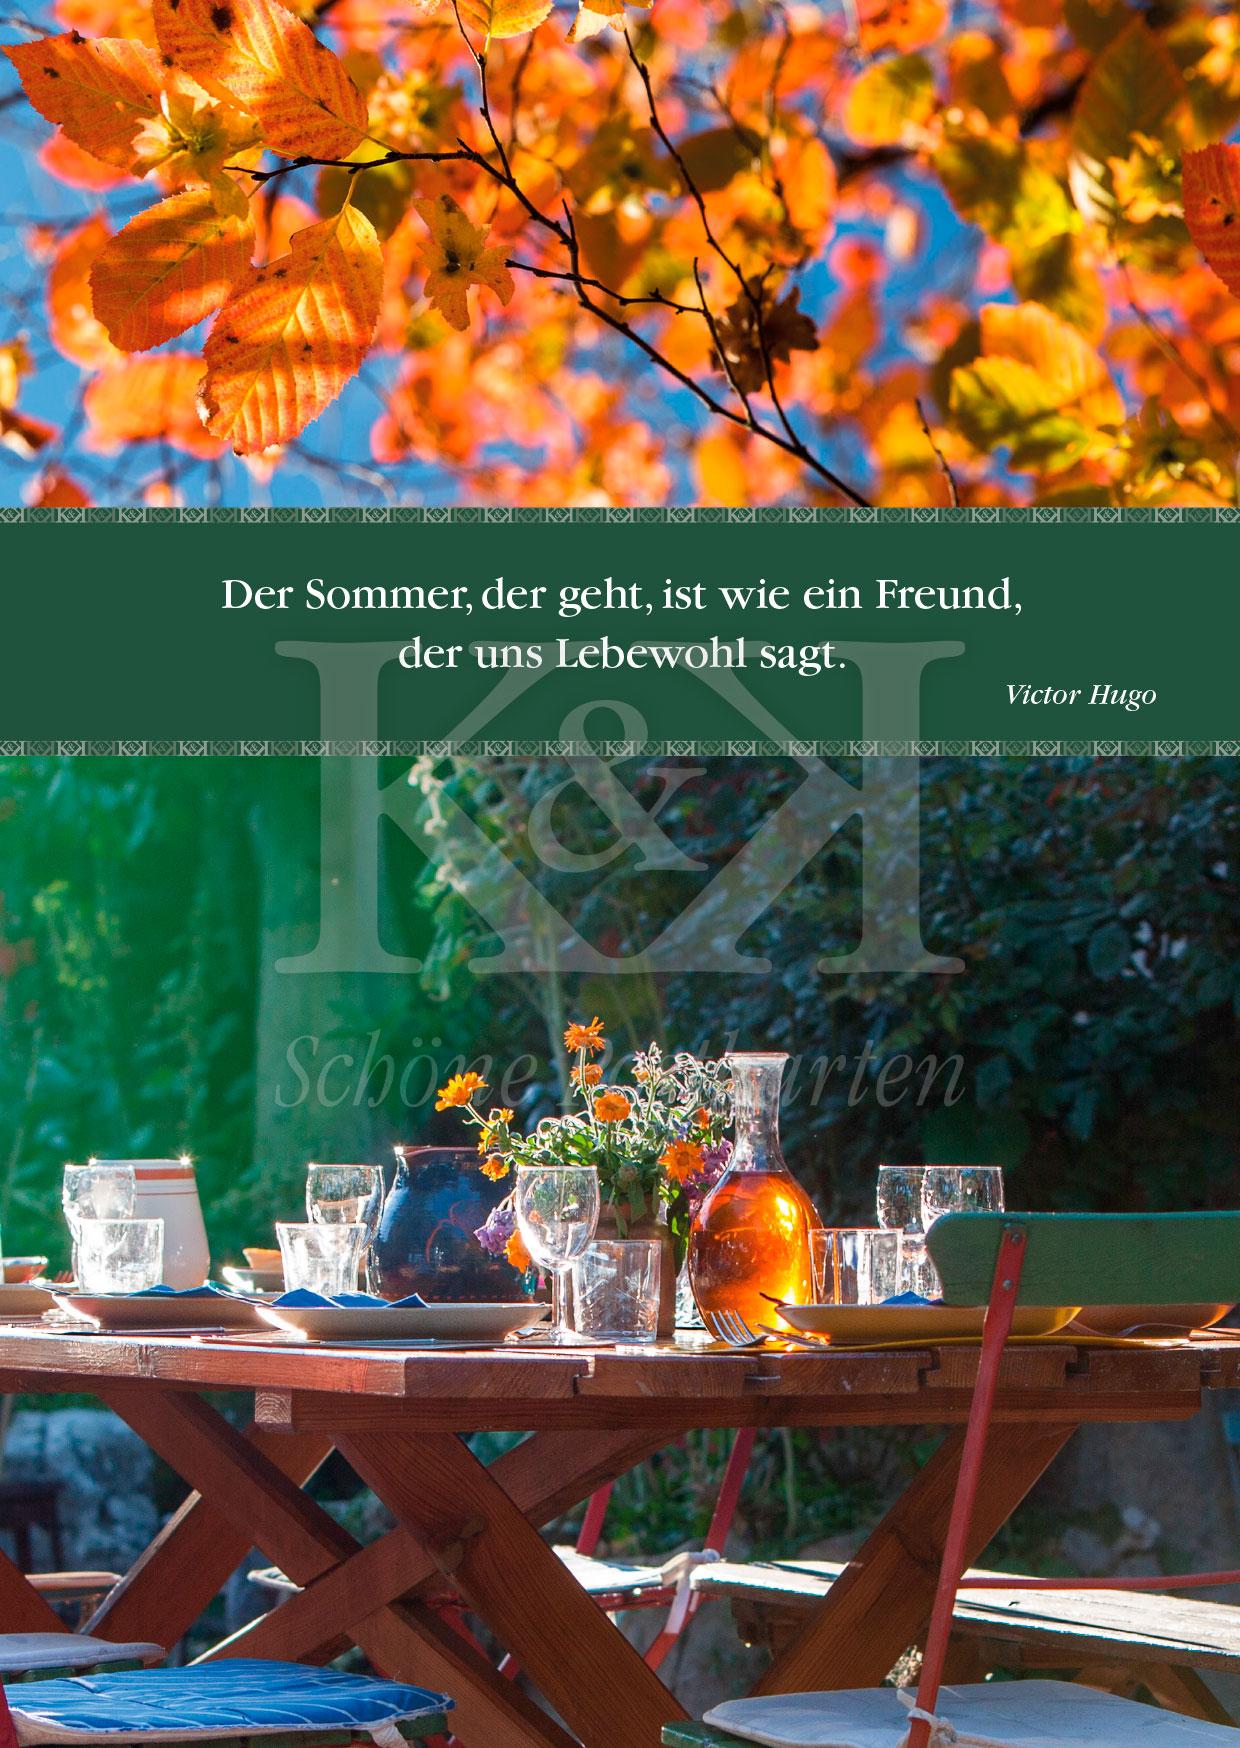 Schöne Postkarte Nr. 4 · Der Sommer, der geht. Victor Hugo. © 2018